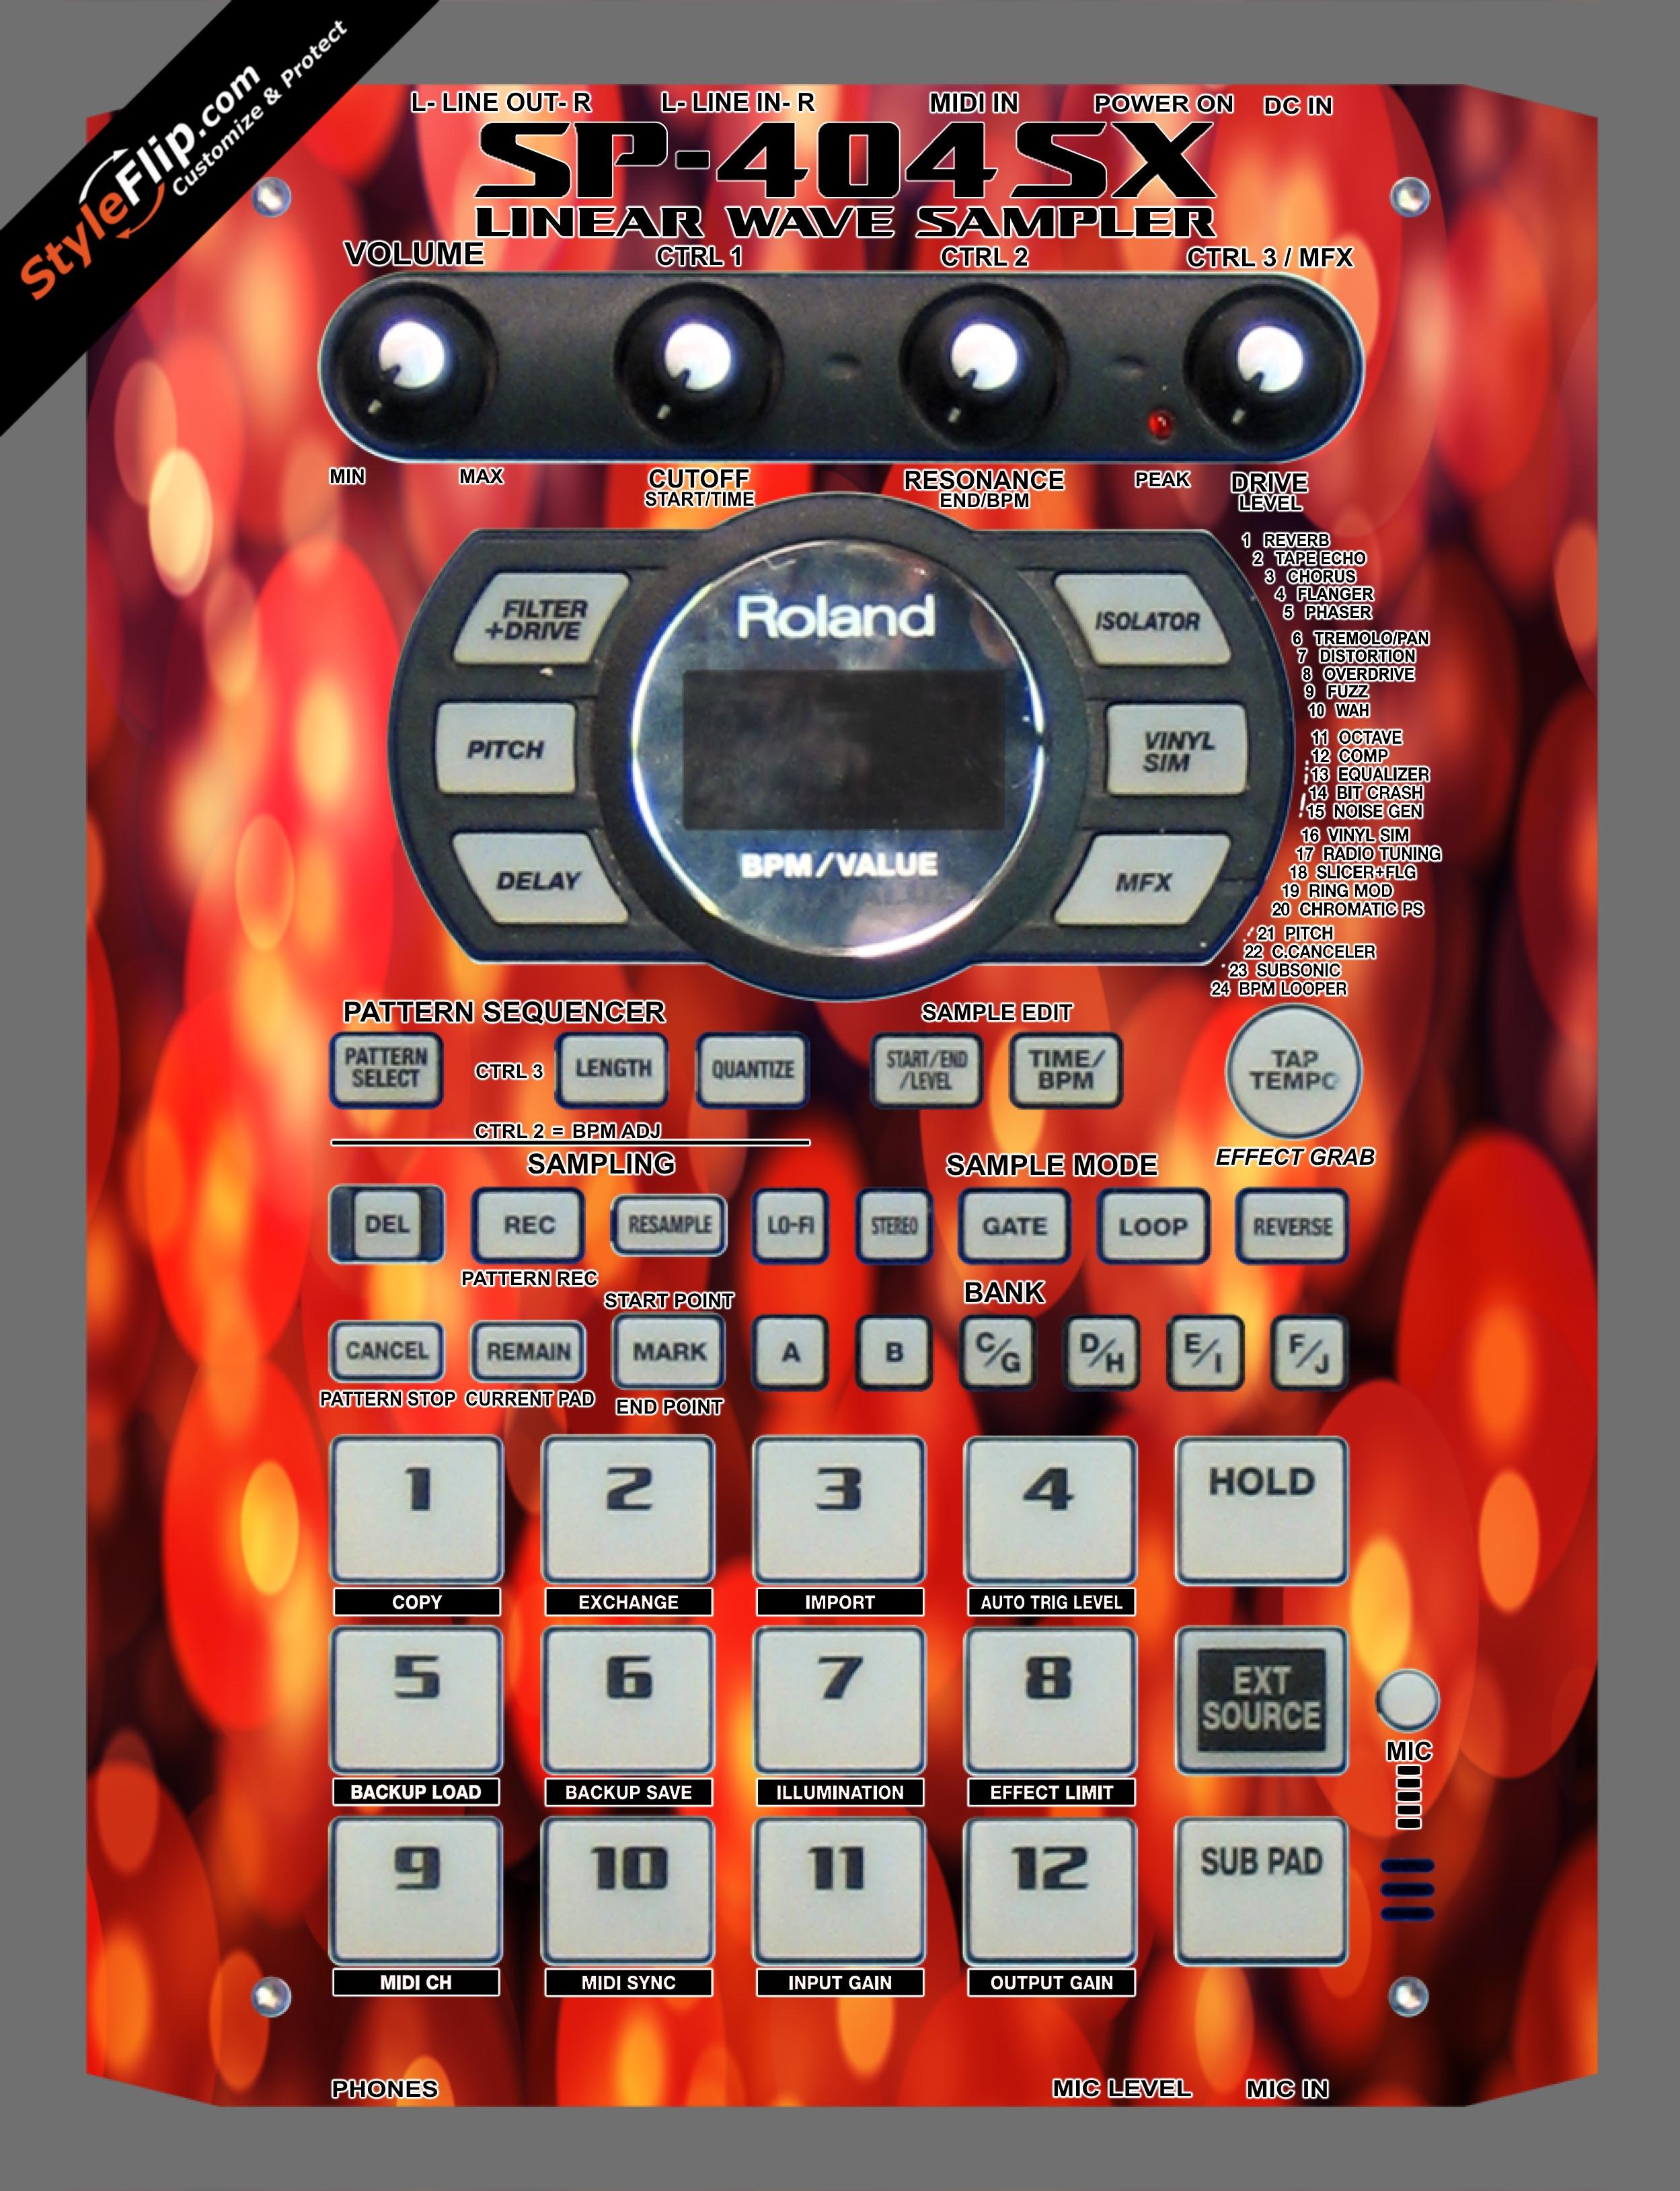 Firefly Roland SP-404 SX